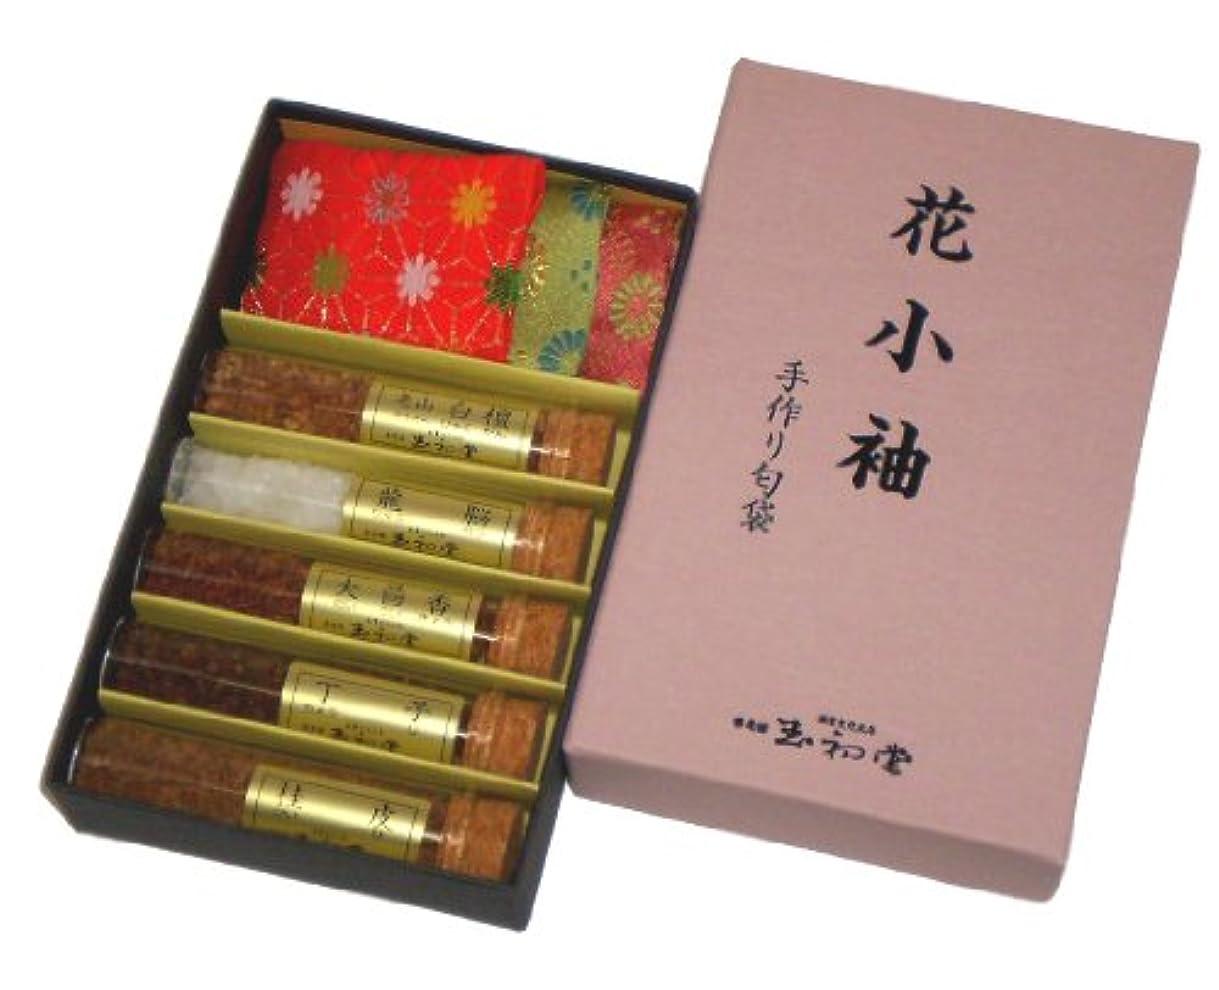 疫病ビット代数的玉初堂のお香 花小袖 手作り匂袋 #2803